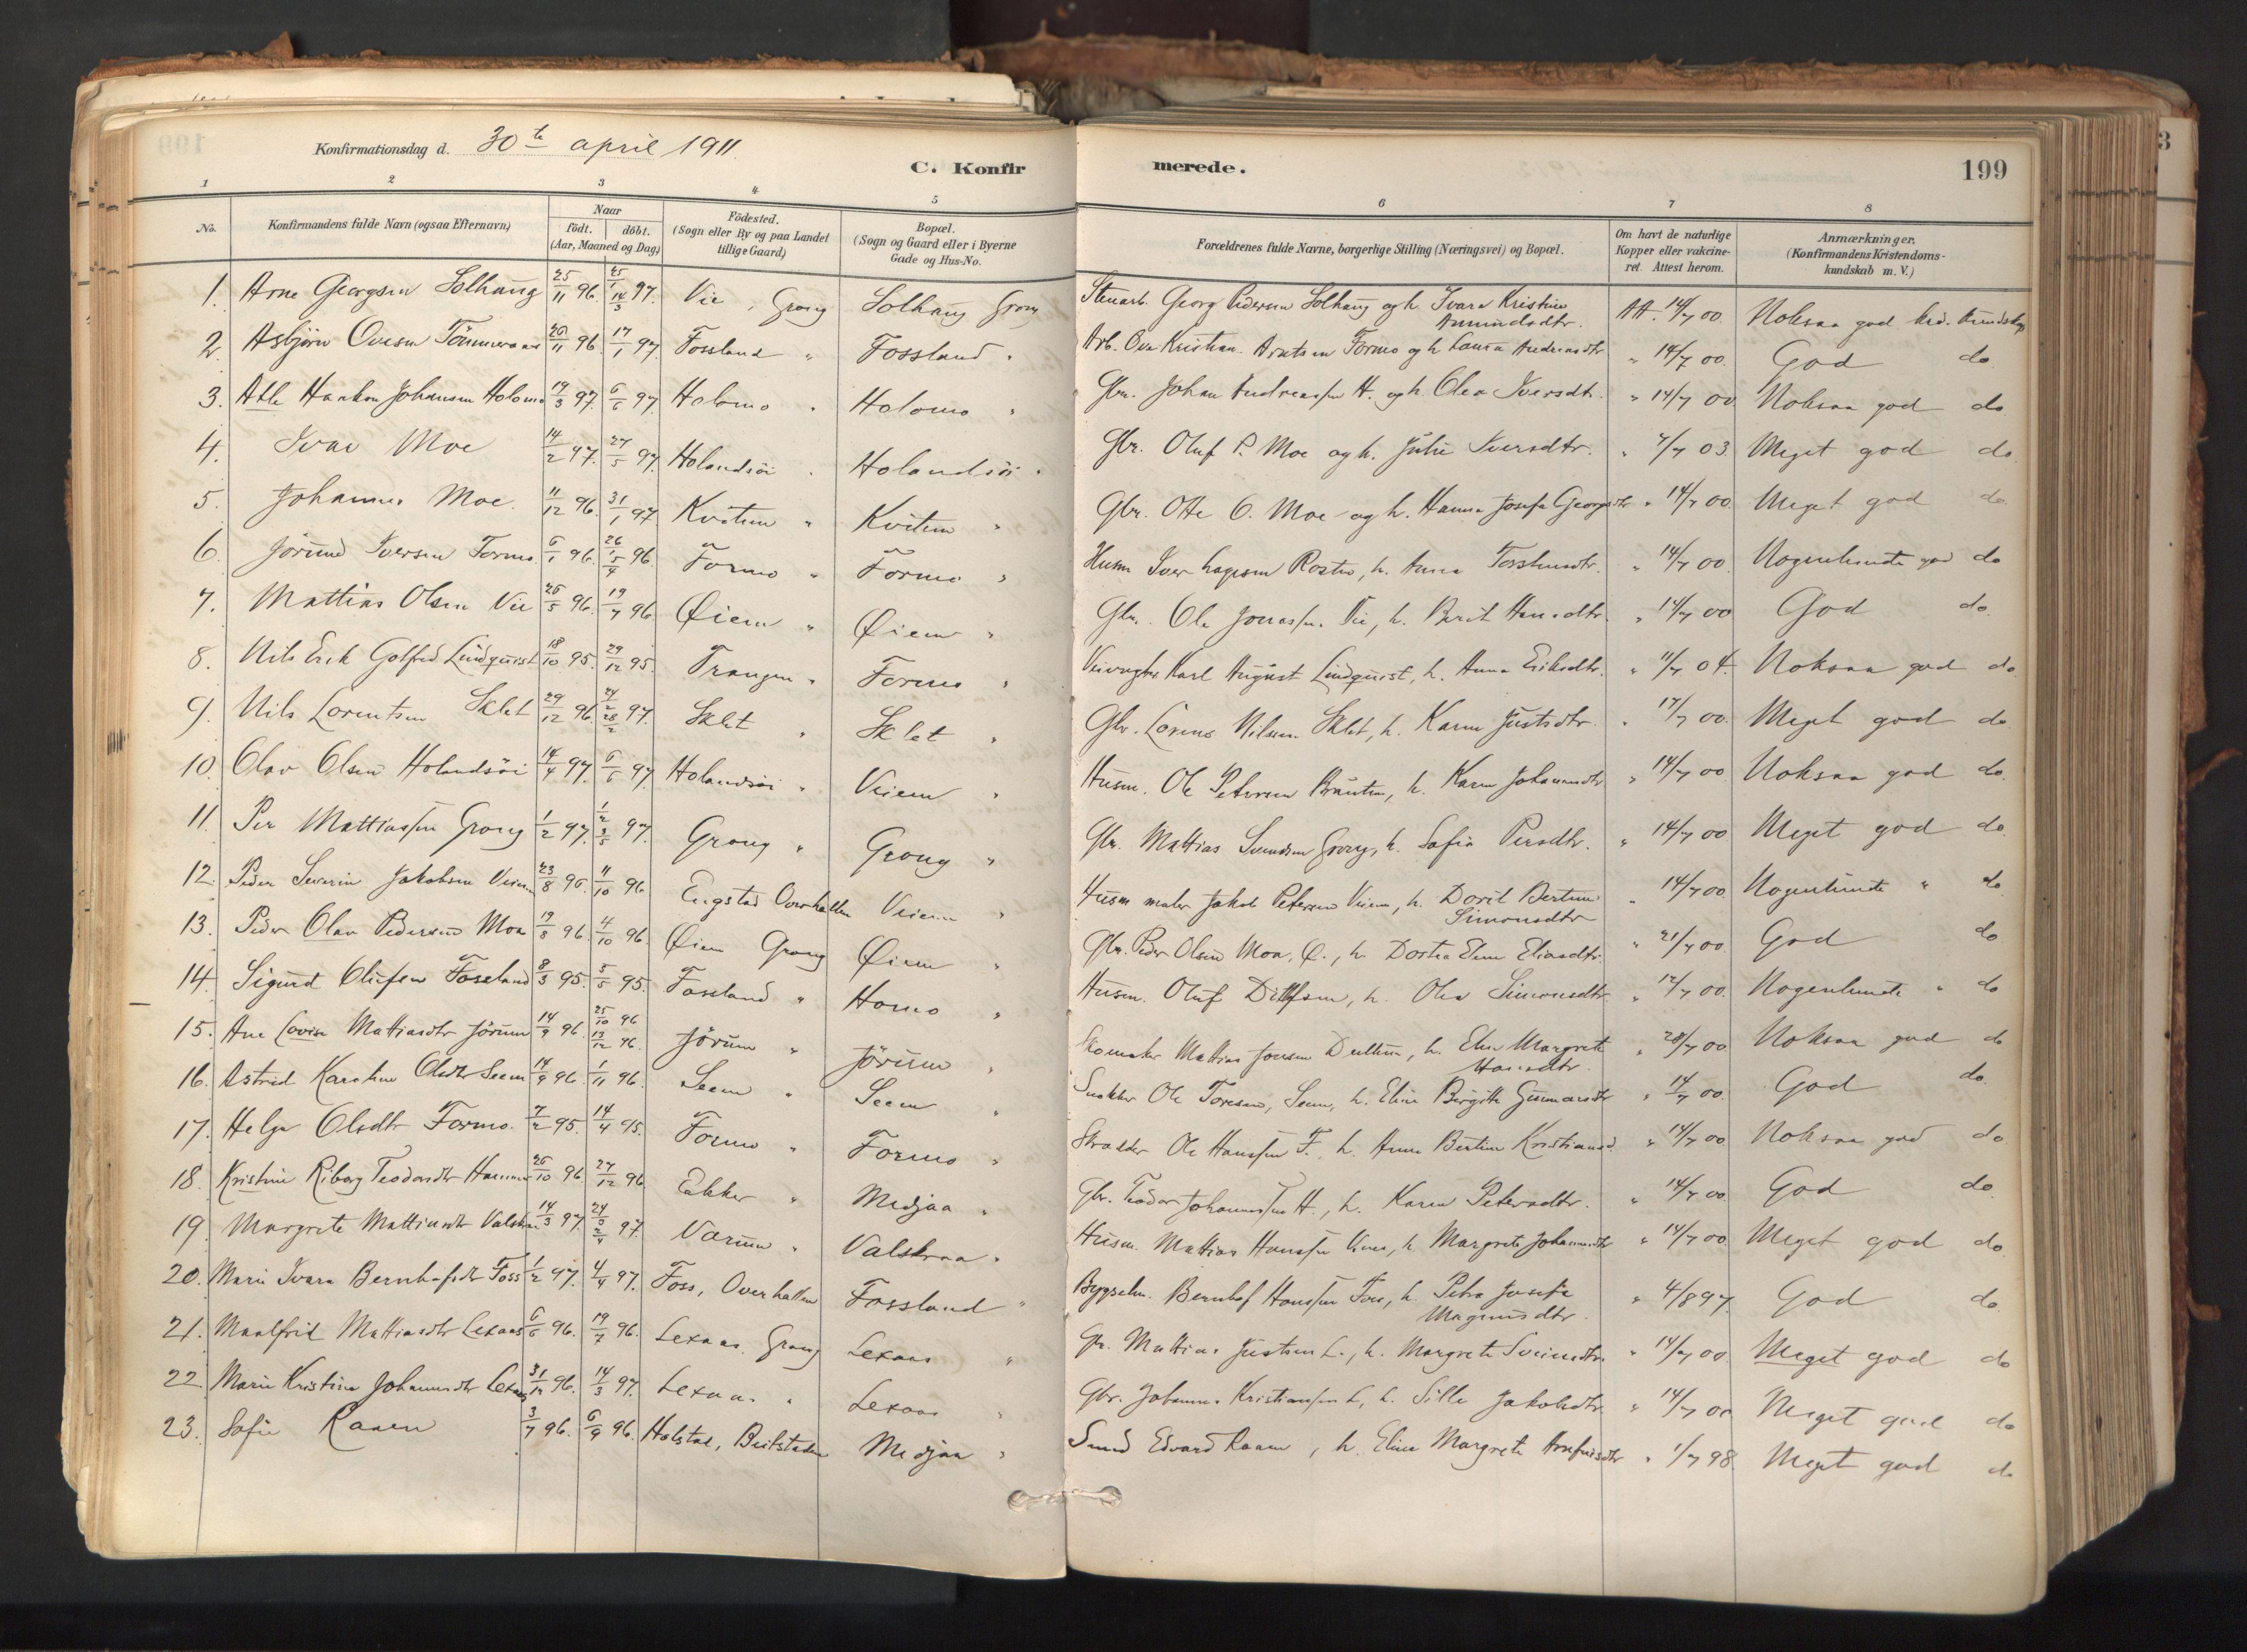 SAT, Ministerialprotokoller, klokkerbøker og fødselsregistre - Nord-Trøndelag, 758/L0519: Ministerialbok nr. 758A04, 1880-1926, s. 199